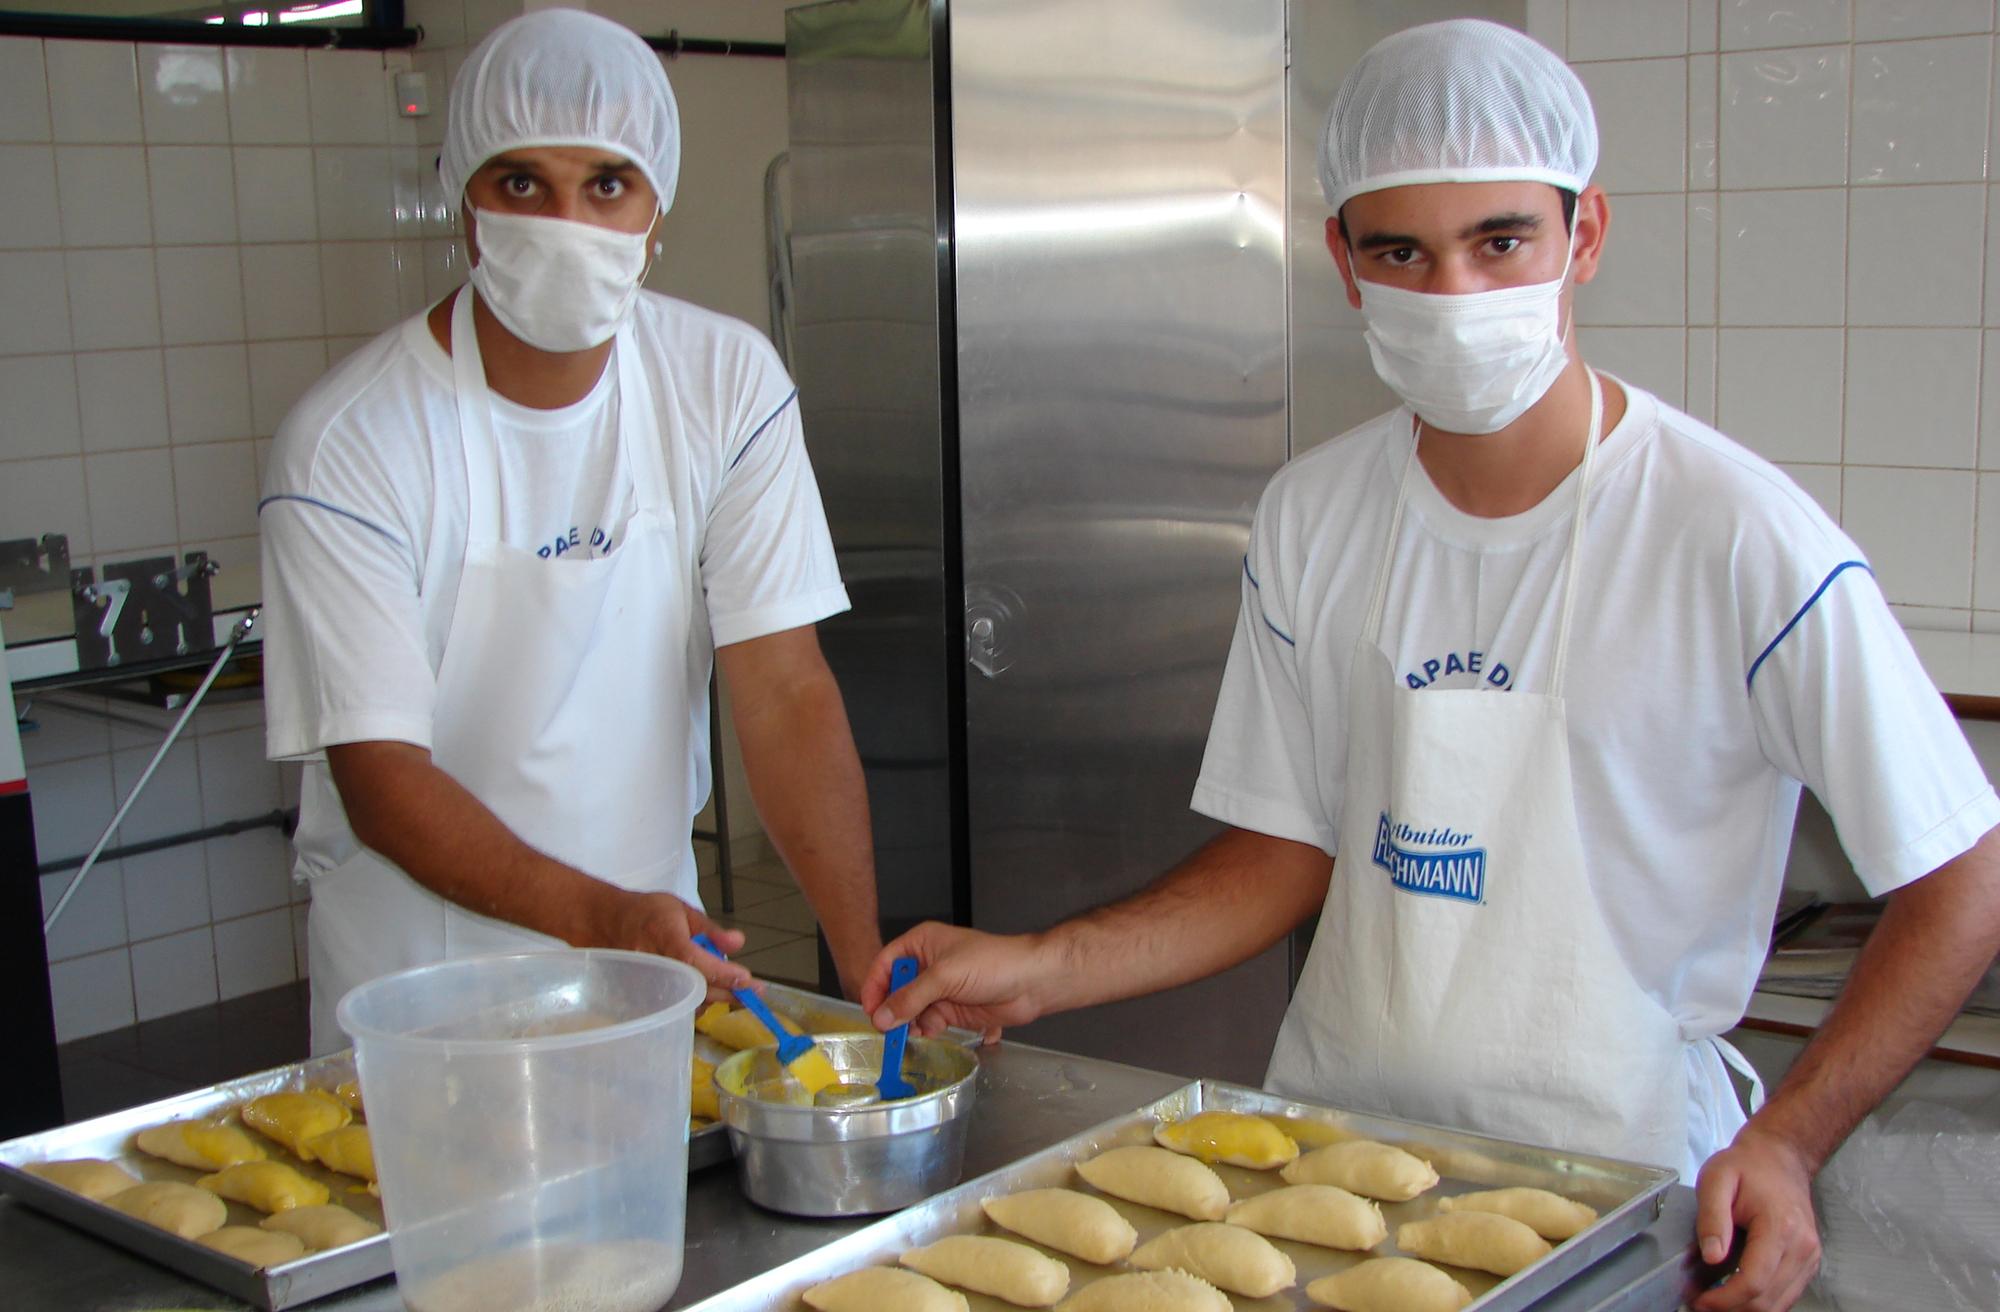 Alimentos - Pães - Padeiros - Fabricação de pão